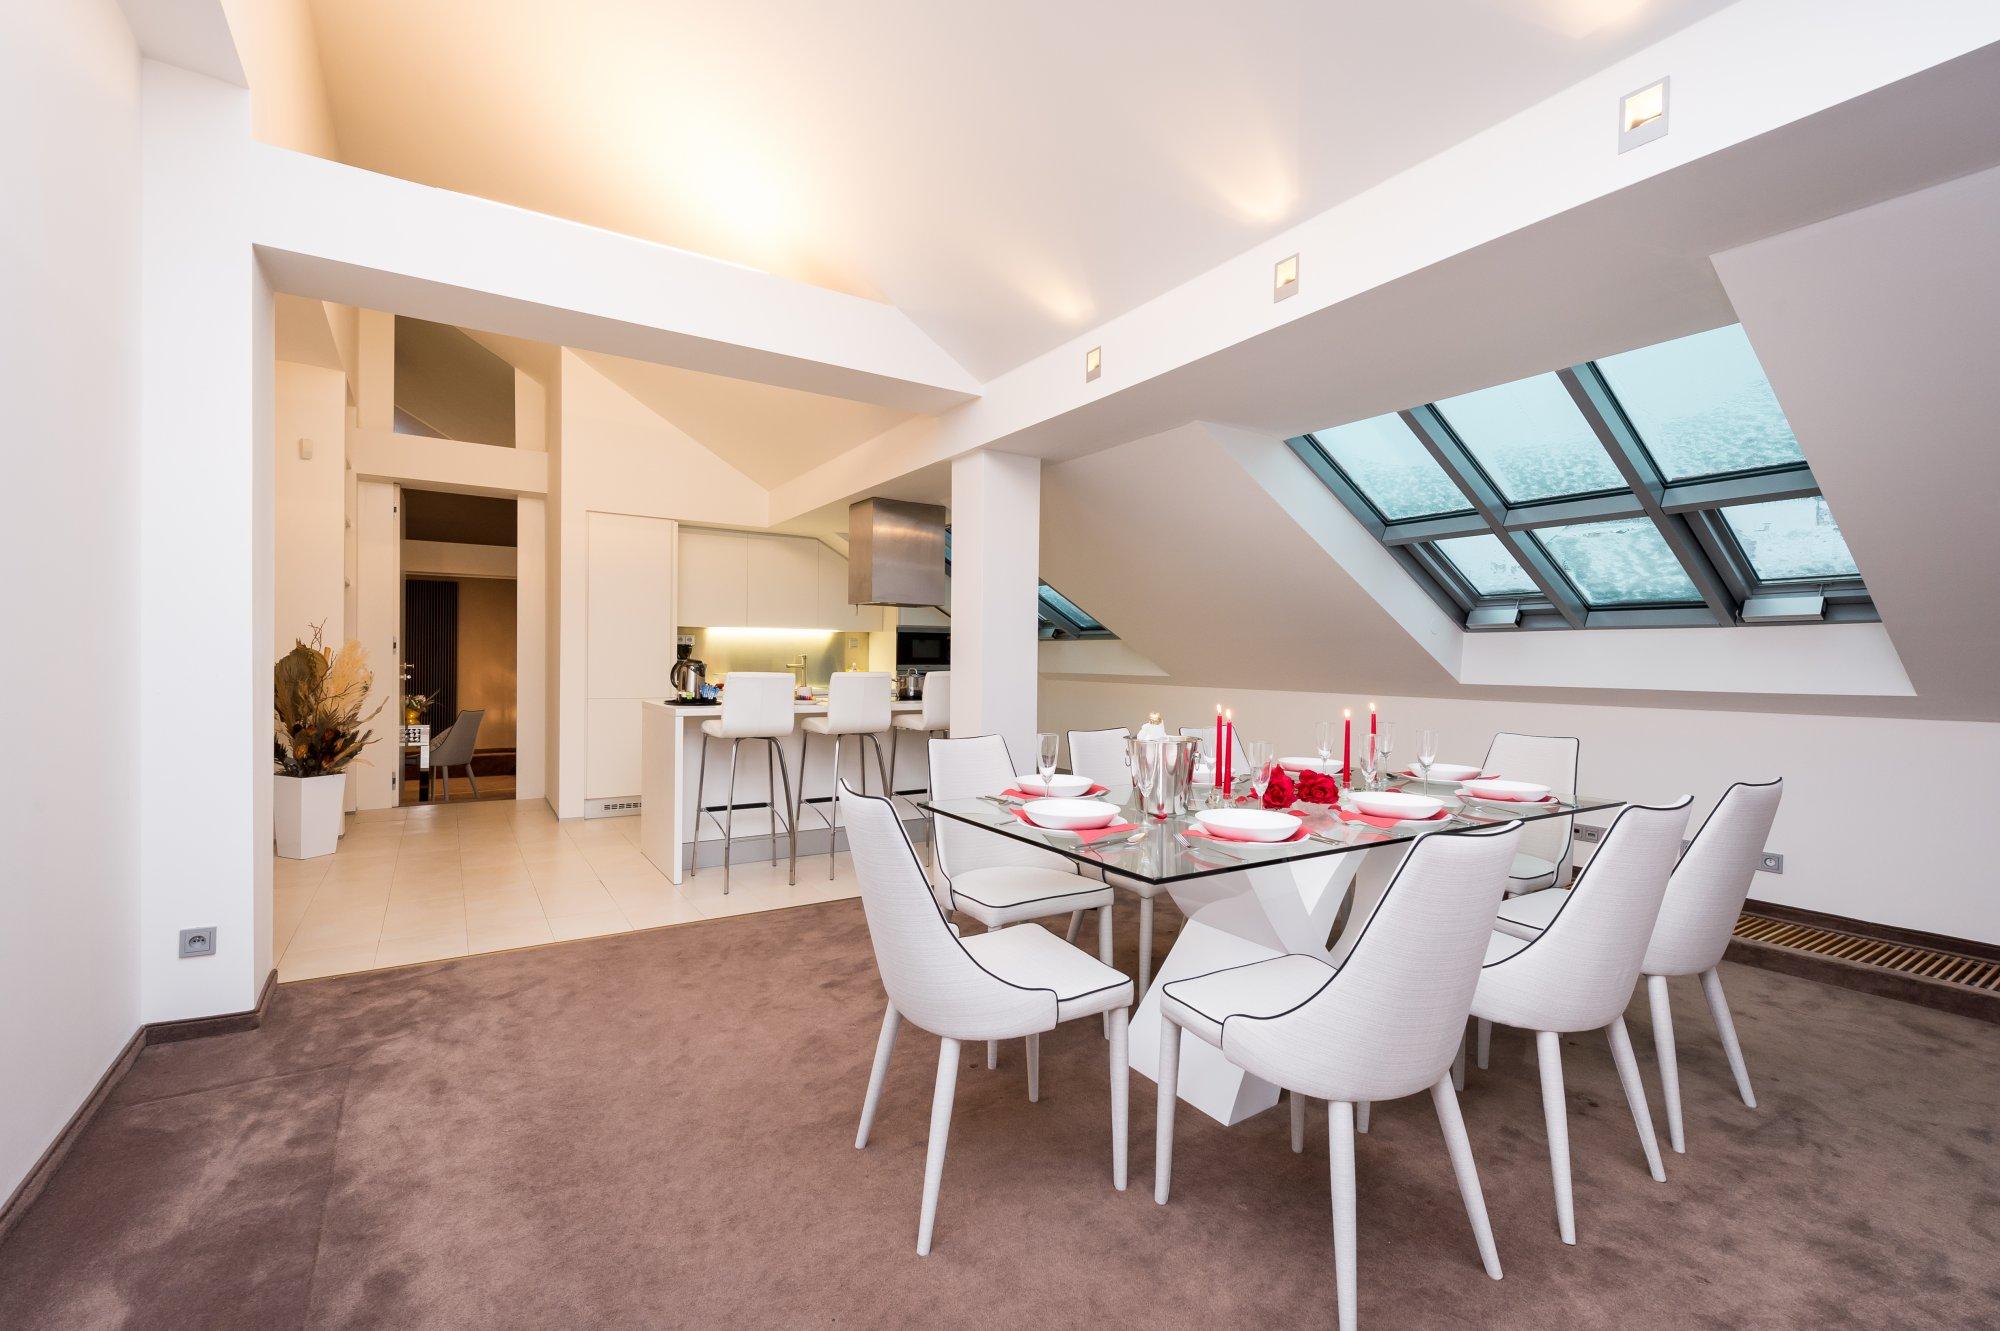 Půdní byt 4+kk, plocha 199 m², ulice Šeříková, Praha 1 - Malá Strana | 3